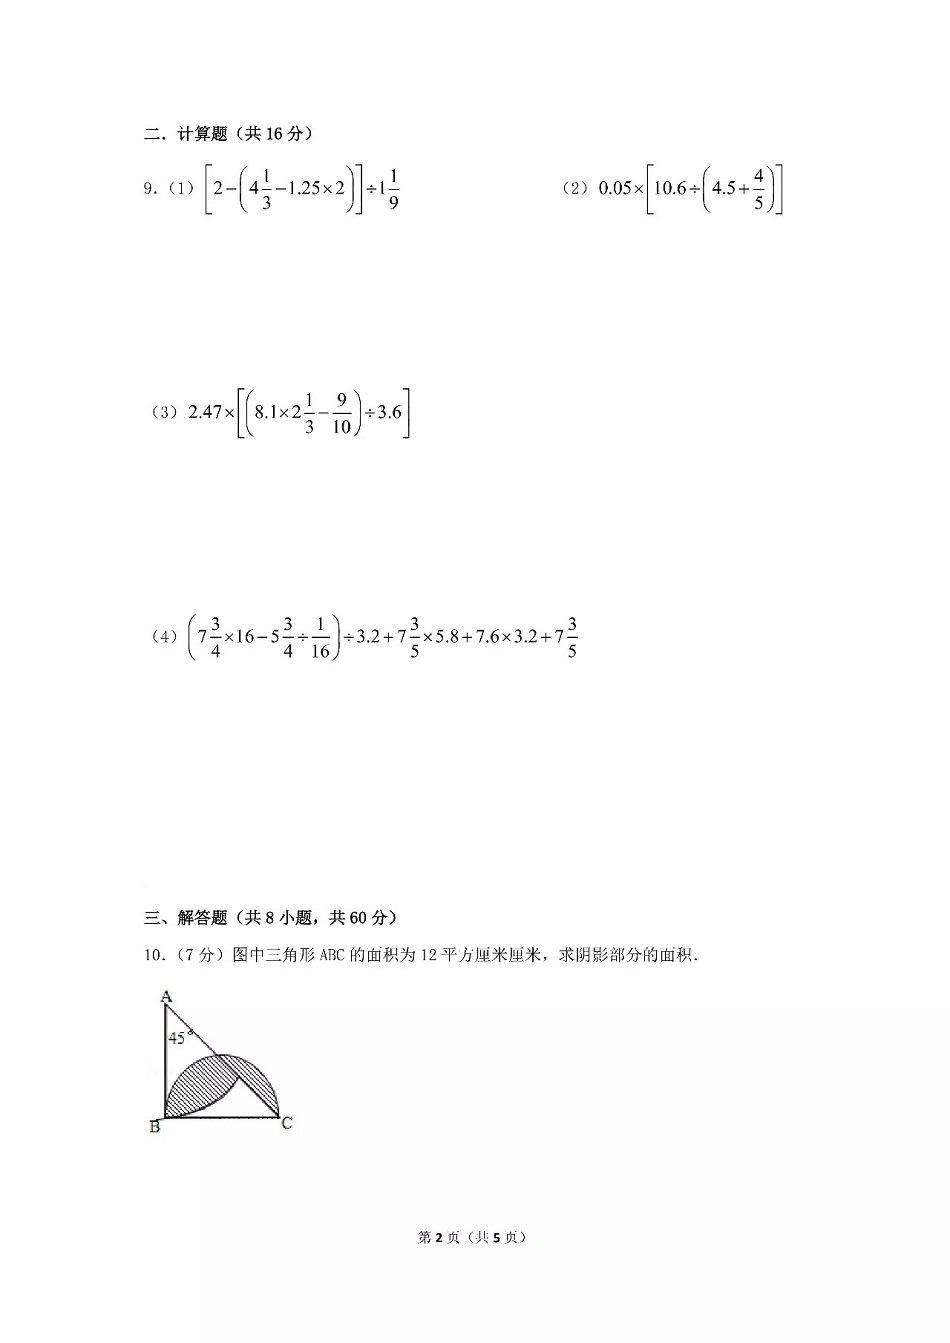 2018西安小學升學考數學練習試題及答案(二)分享!